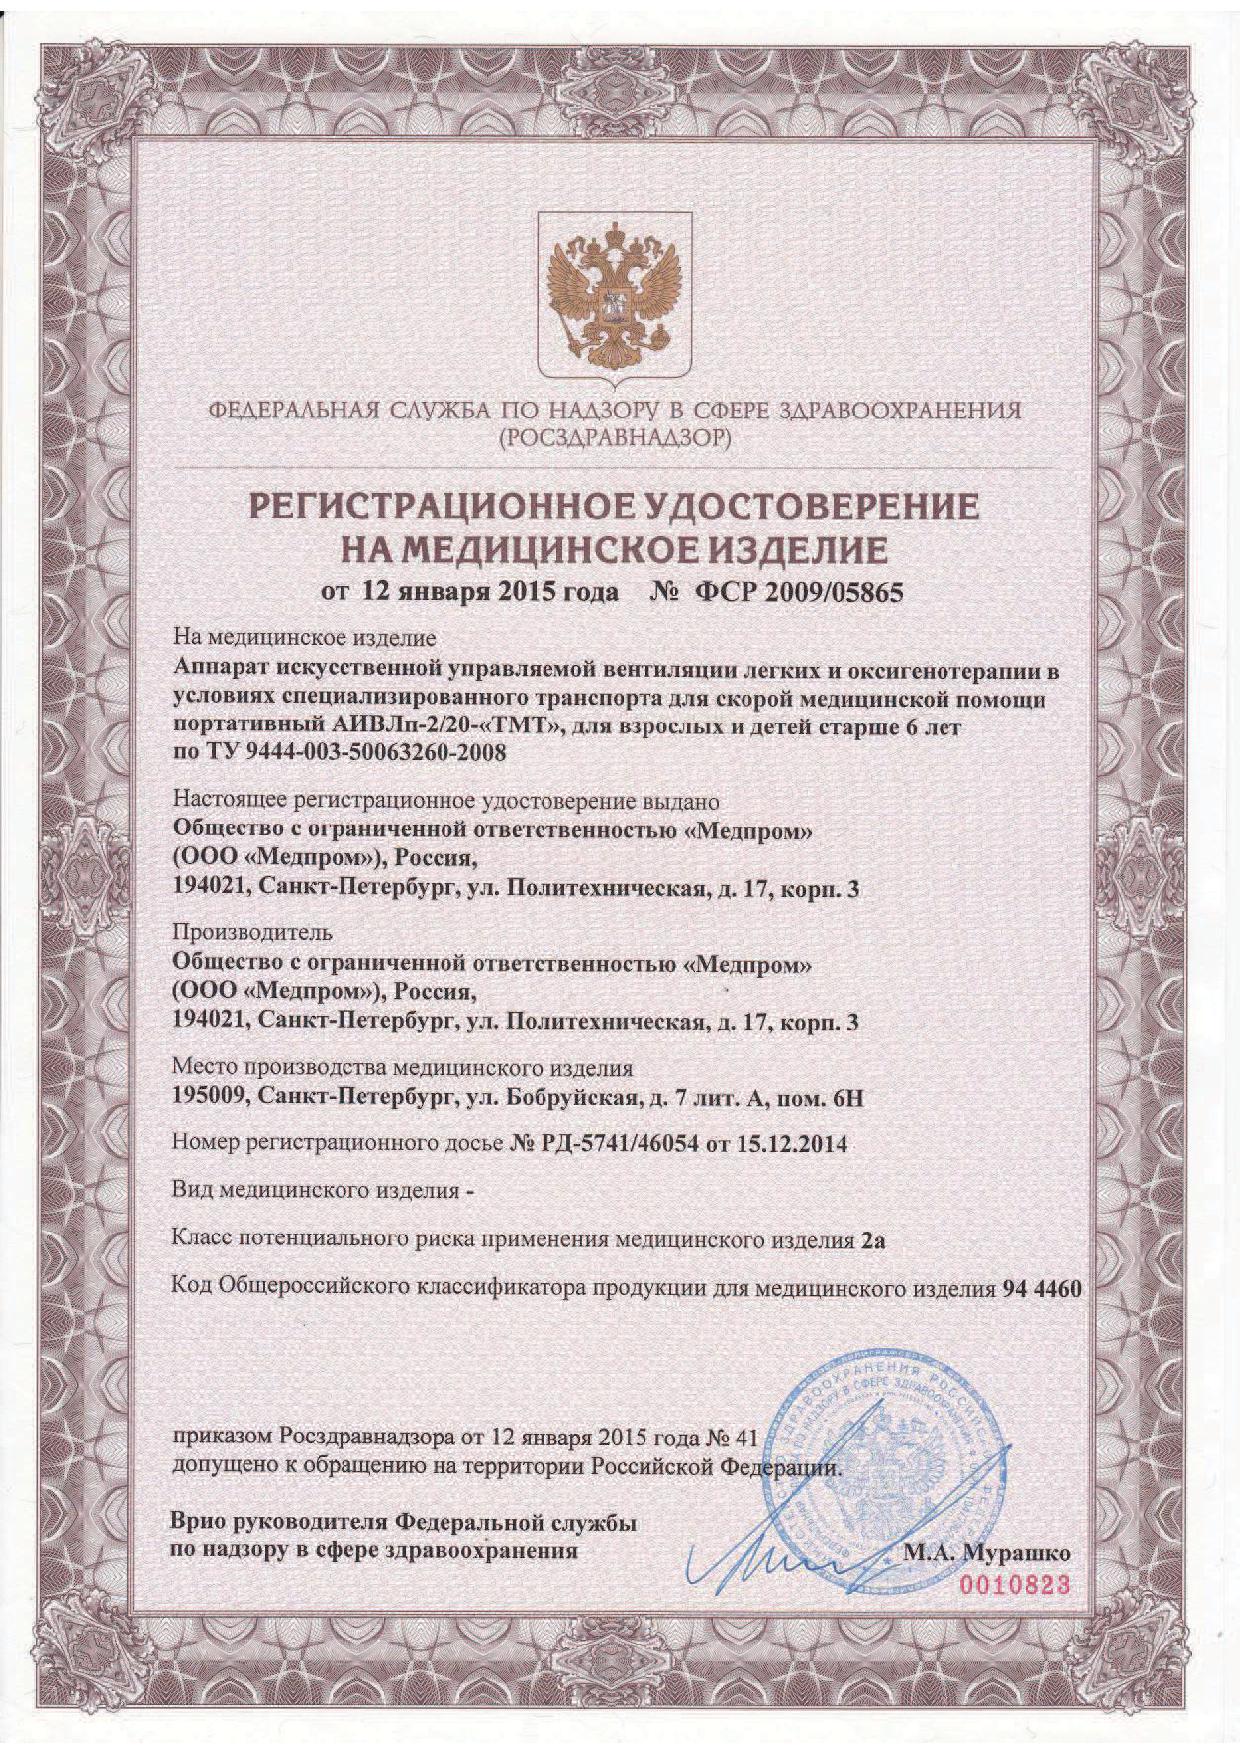 сертификат АИВЛп-2/20-«ТМТ» Аппарат ИВЛ